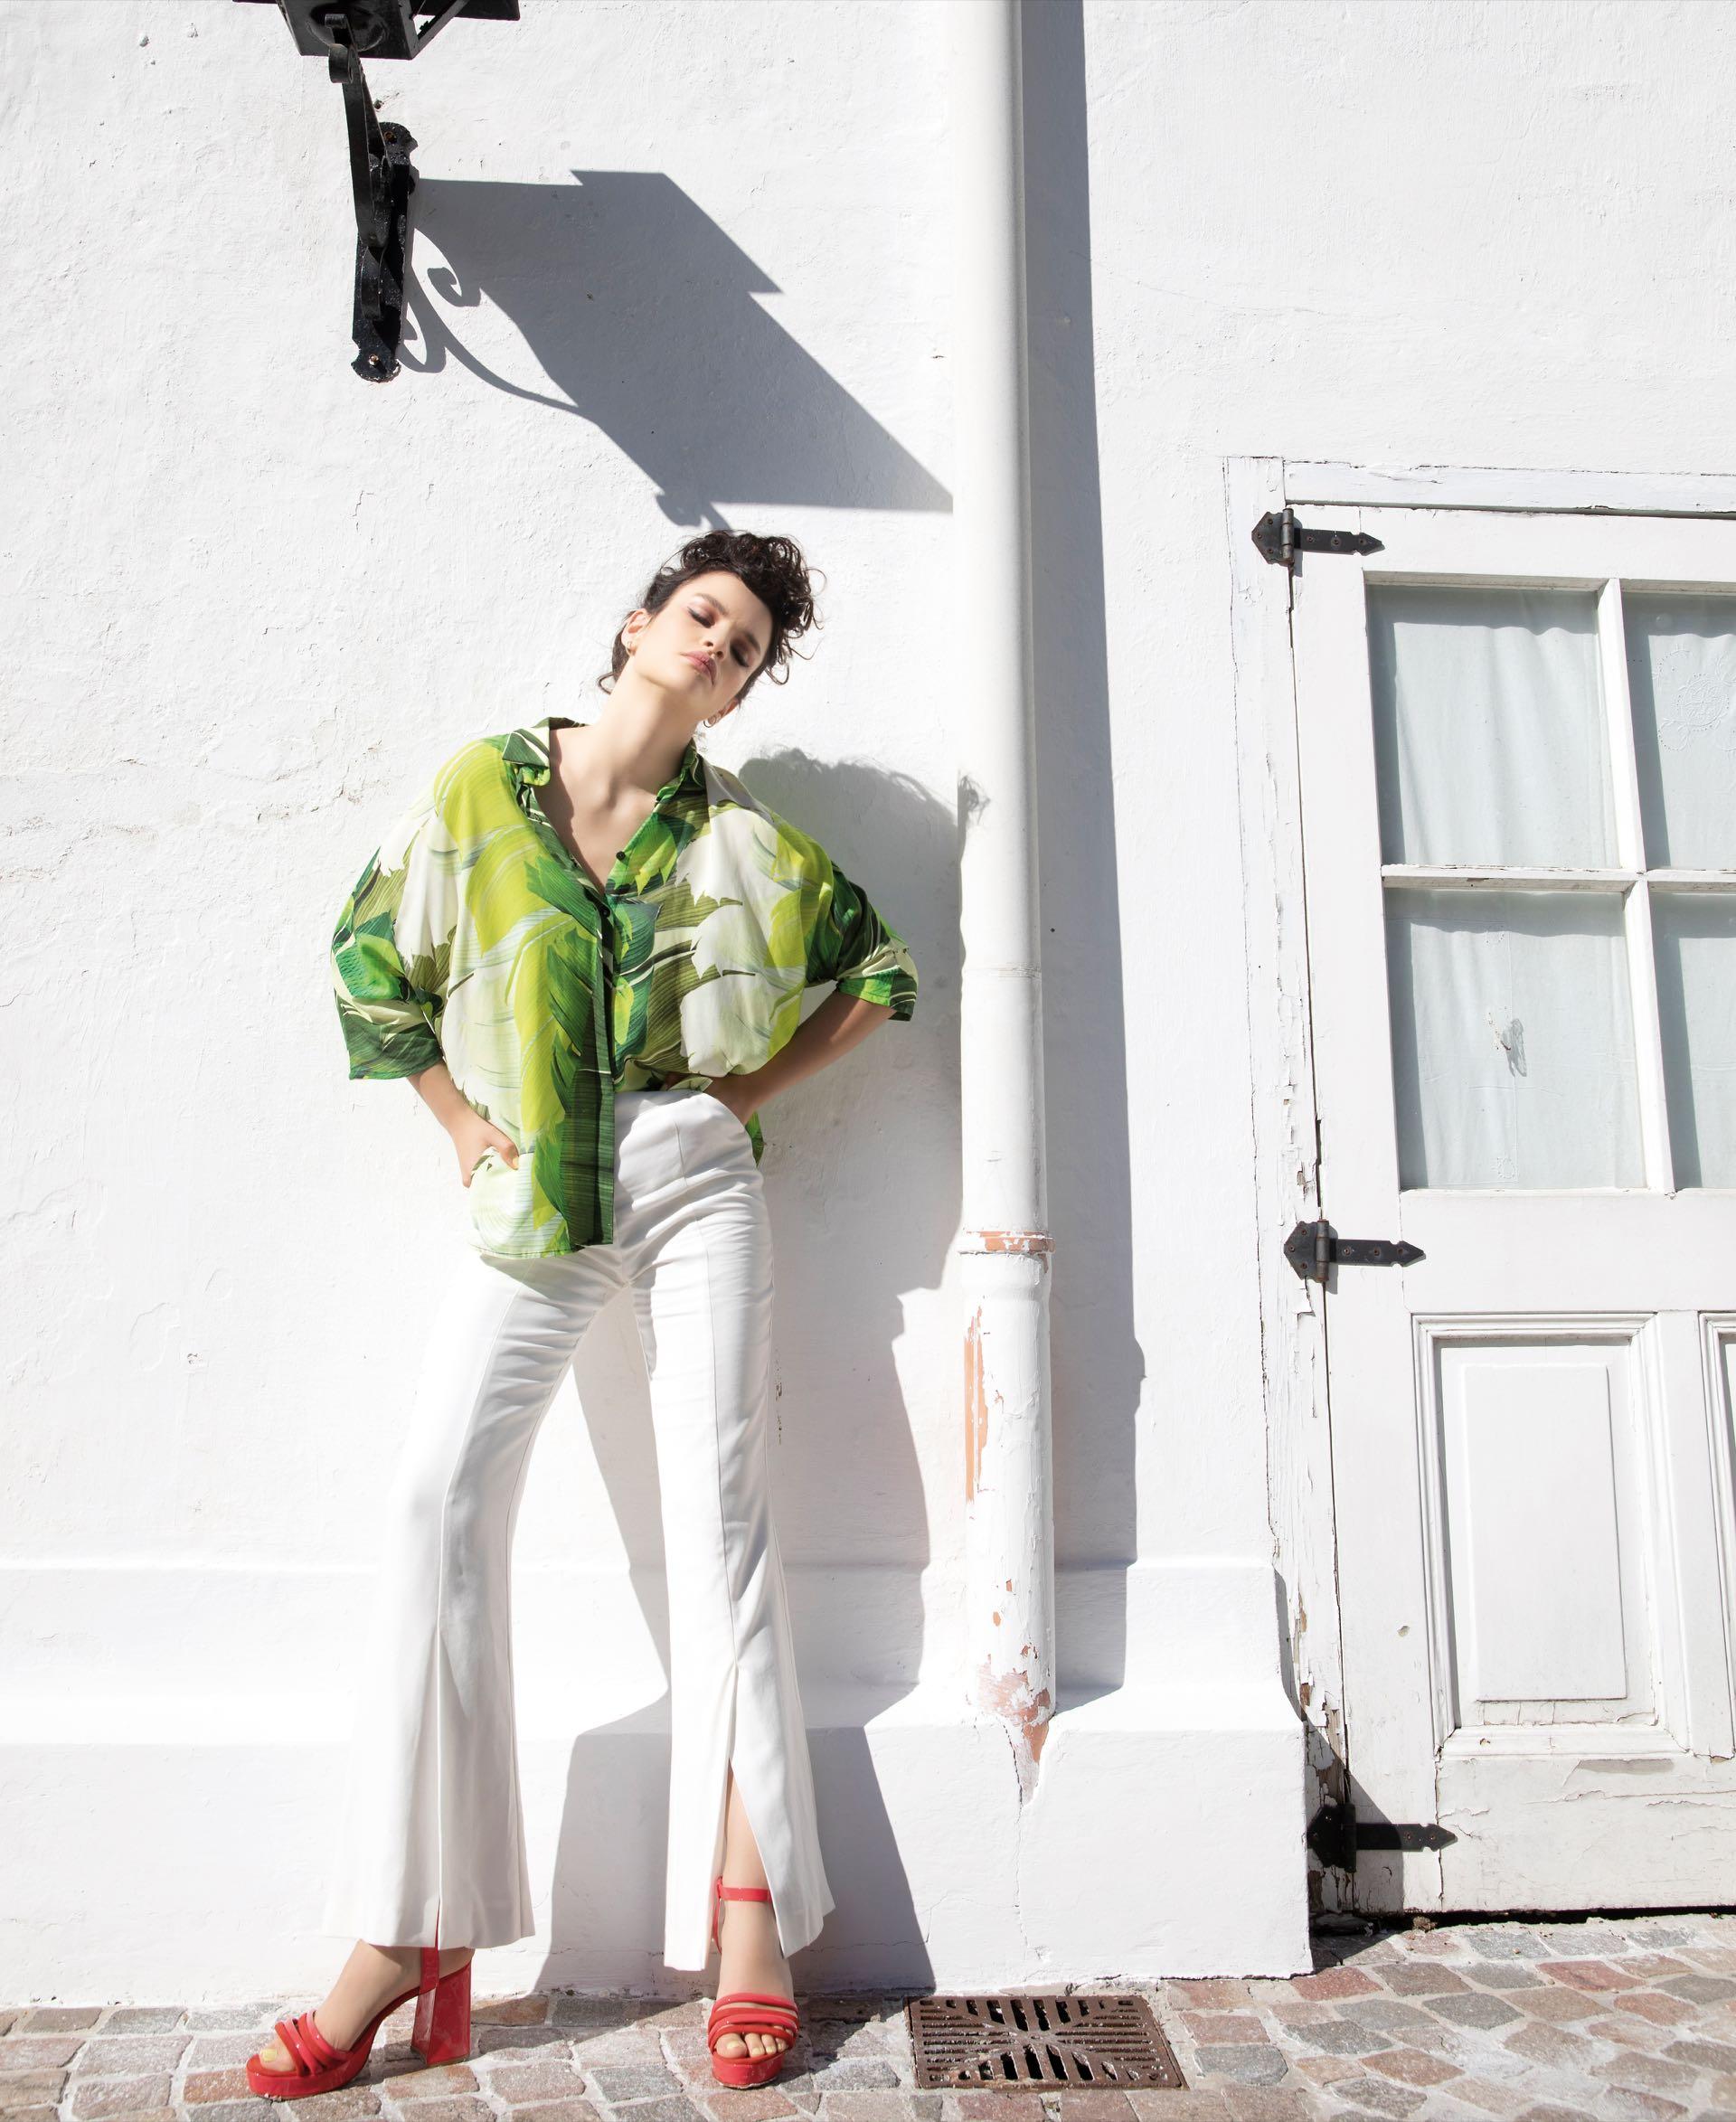 Camisa con estampa de hojas ($ 2.800, Benito Fernández), pantalón ancho($ 4.400, Vitamina) y sandalias con taco cuadrado ($ 5.500, Uma).